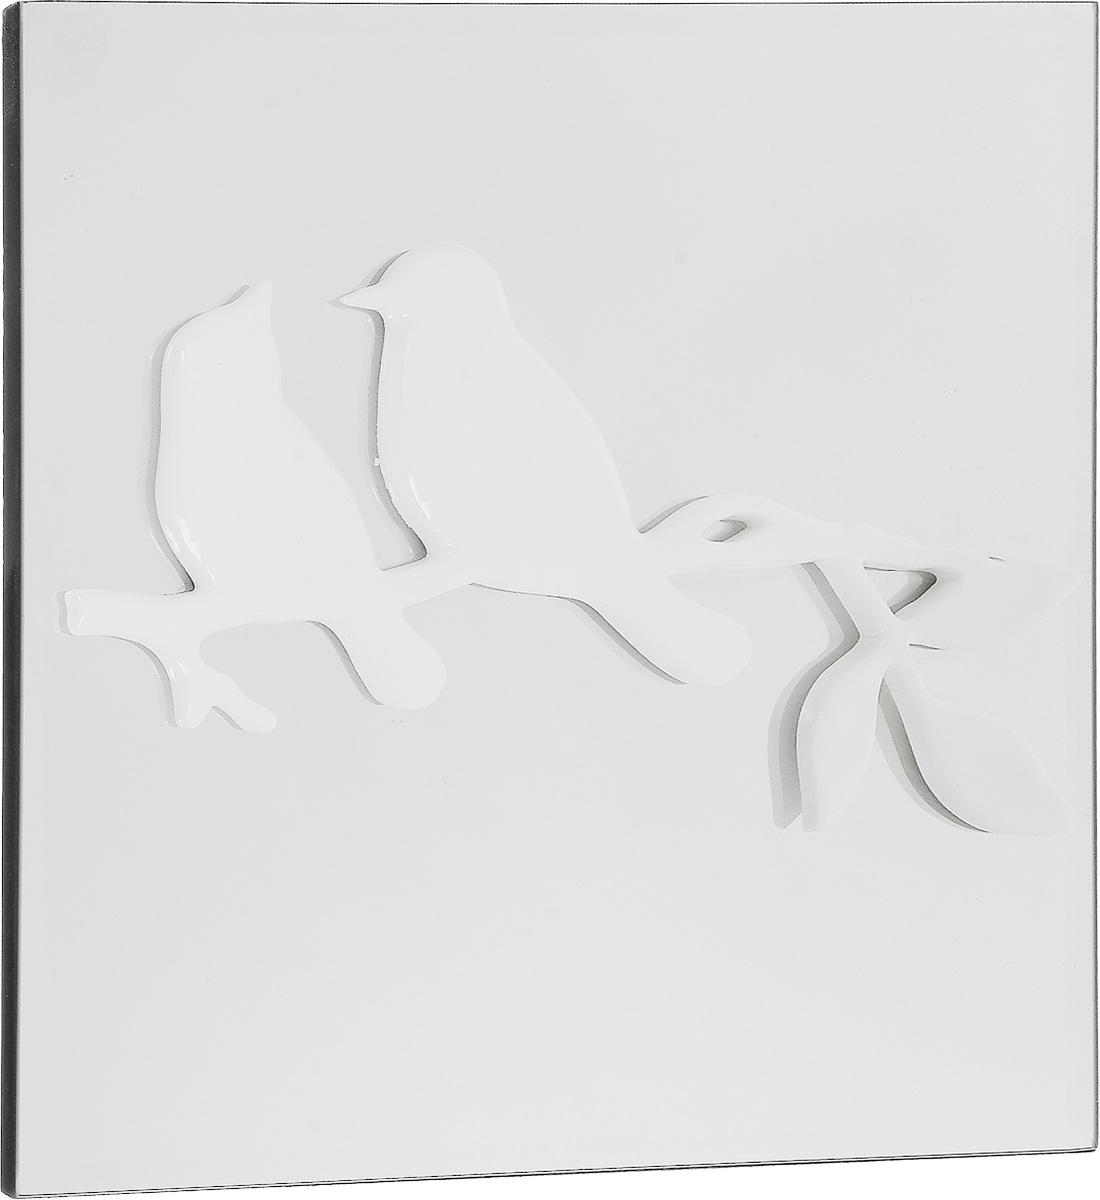 Украшение декоративное Феникс-Презент Птицы, настенное, 30 x 30 x 3 см44068Настенное украшение Феникс-Презент Птицы изготовлено из основы МДФ и зеркального стекла, декоративный элемент выполнен из полирезина в виде двух птичек, сидящих на ветке. Для удобства размещения изделие оснащено металлической петелькой для подвешивания. Такое украшение не только подчеркнет ваш изысканный вкус, но и прекрасным подарком, который обязательно порадует получателя.